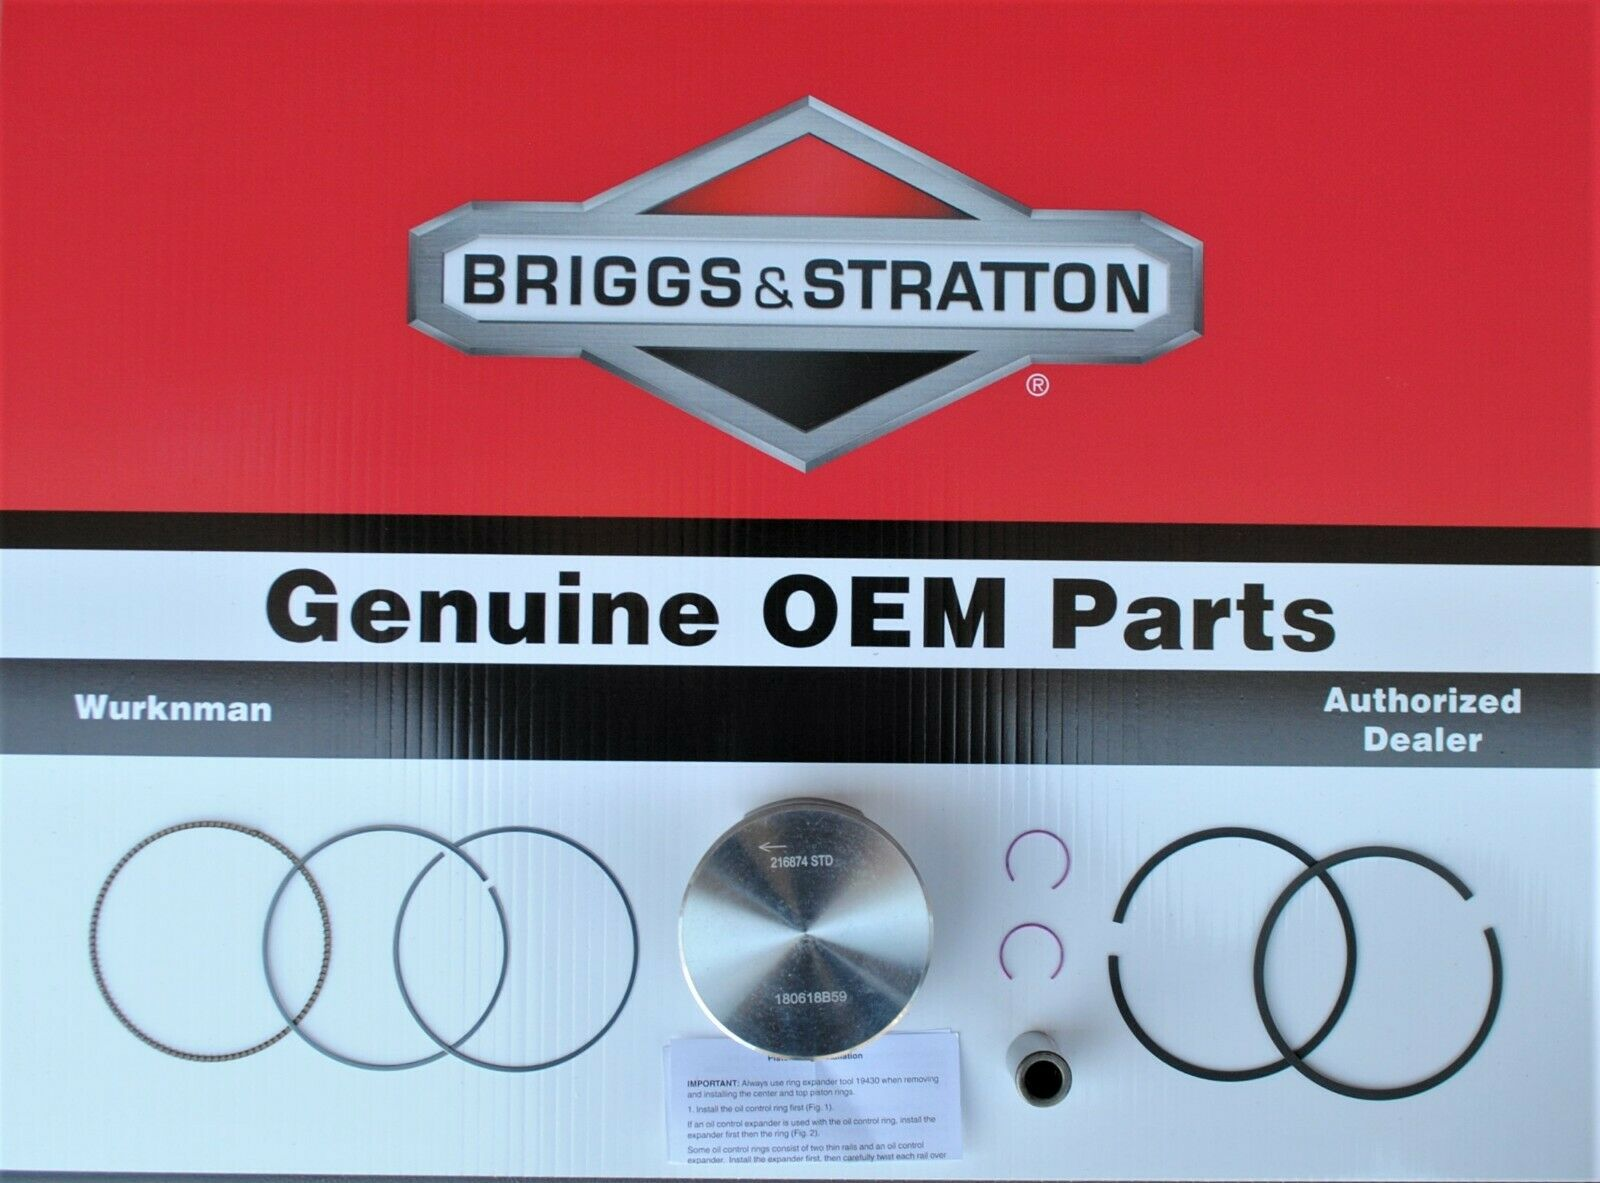 Genuine OEM Ensamblaje De Pistón 594539 Briggs & Stratton